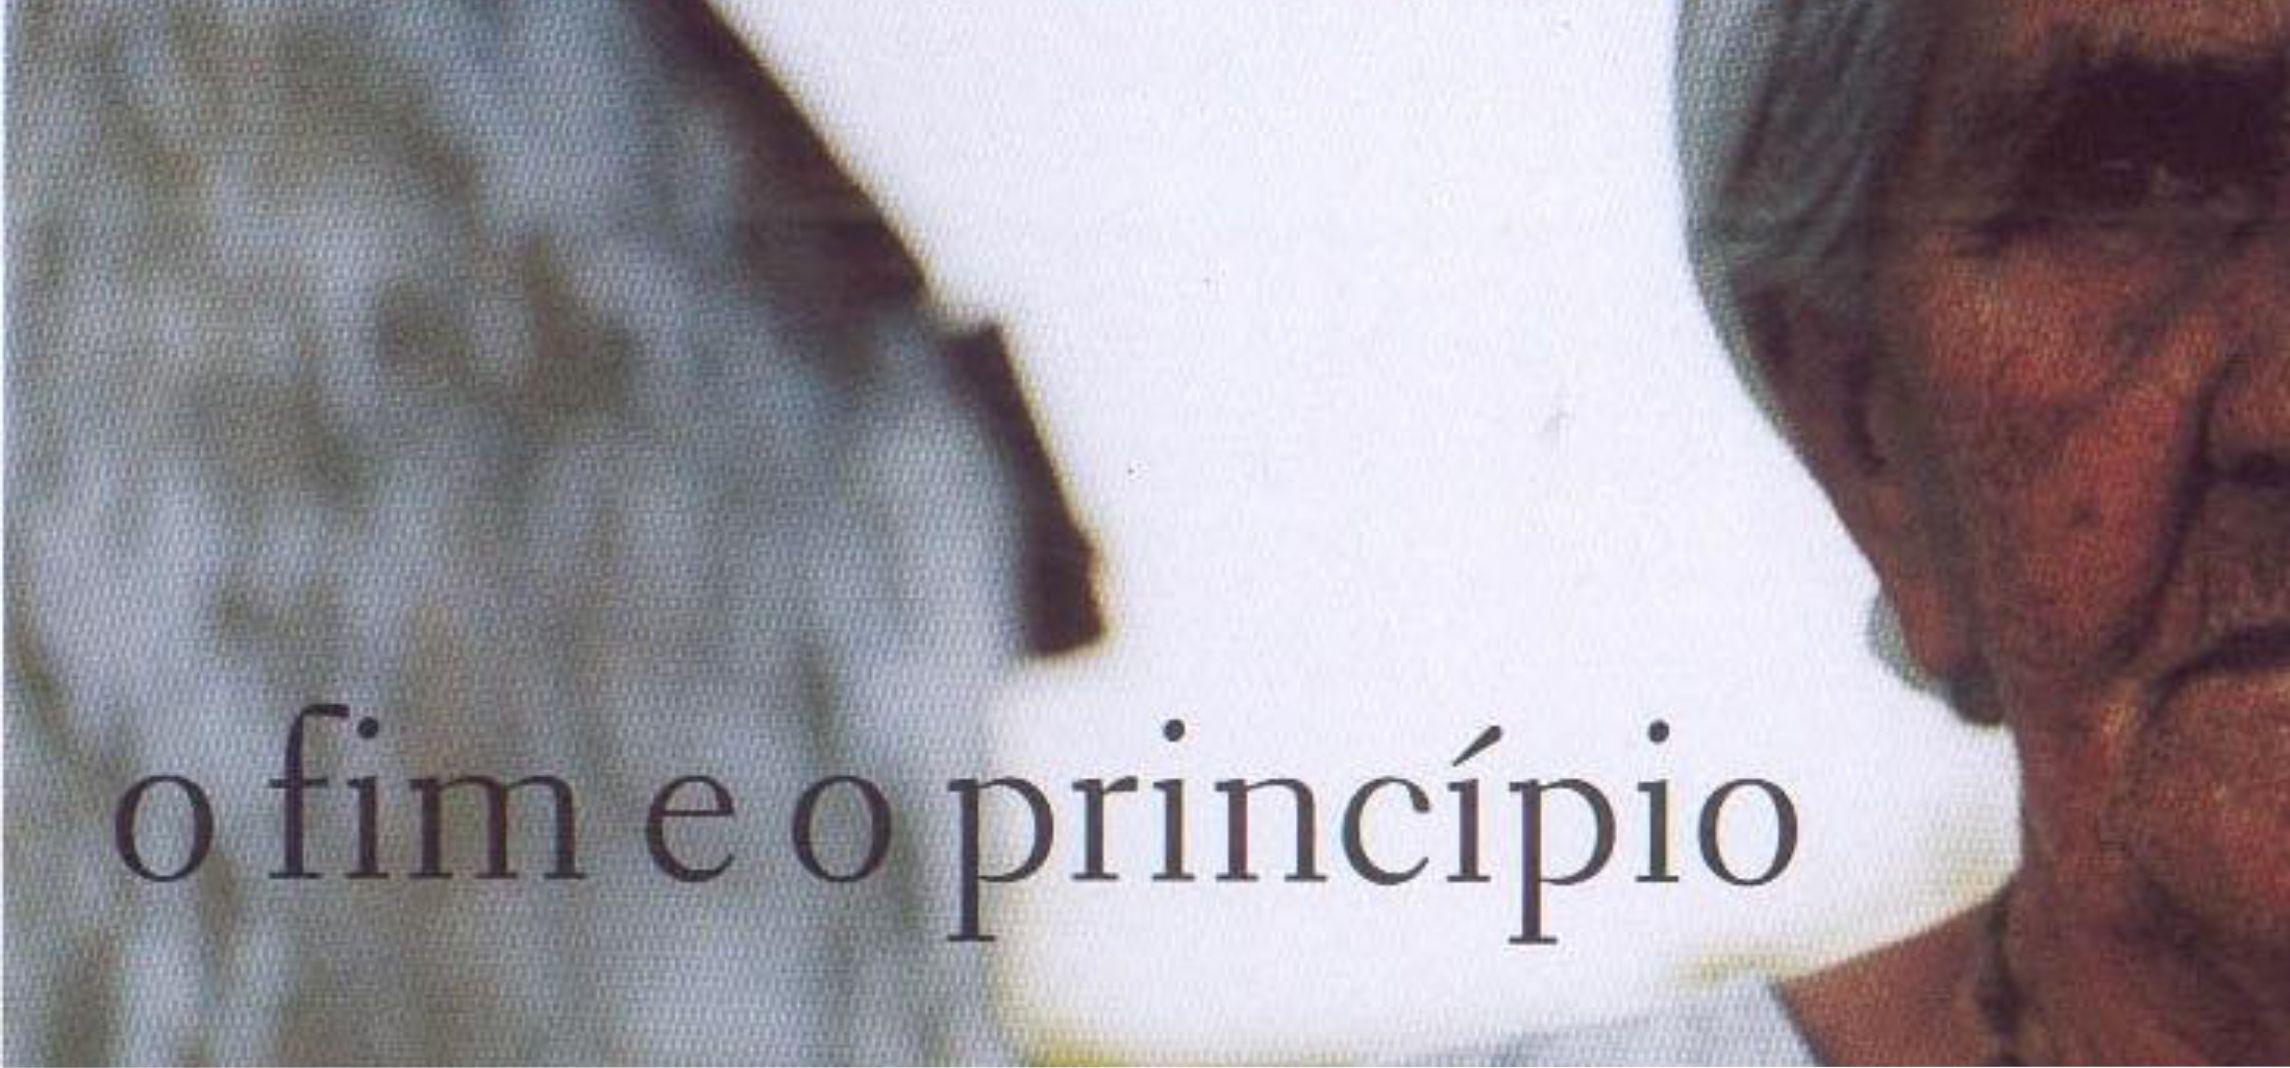 Fim e principio2